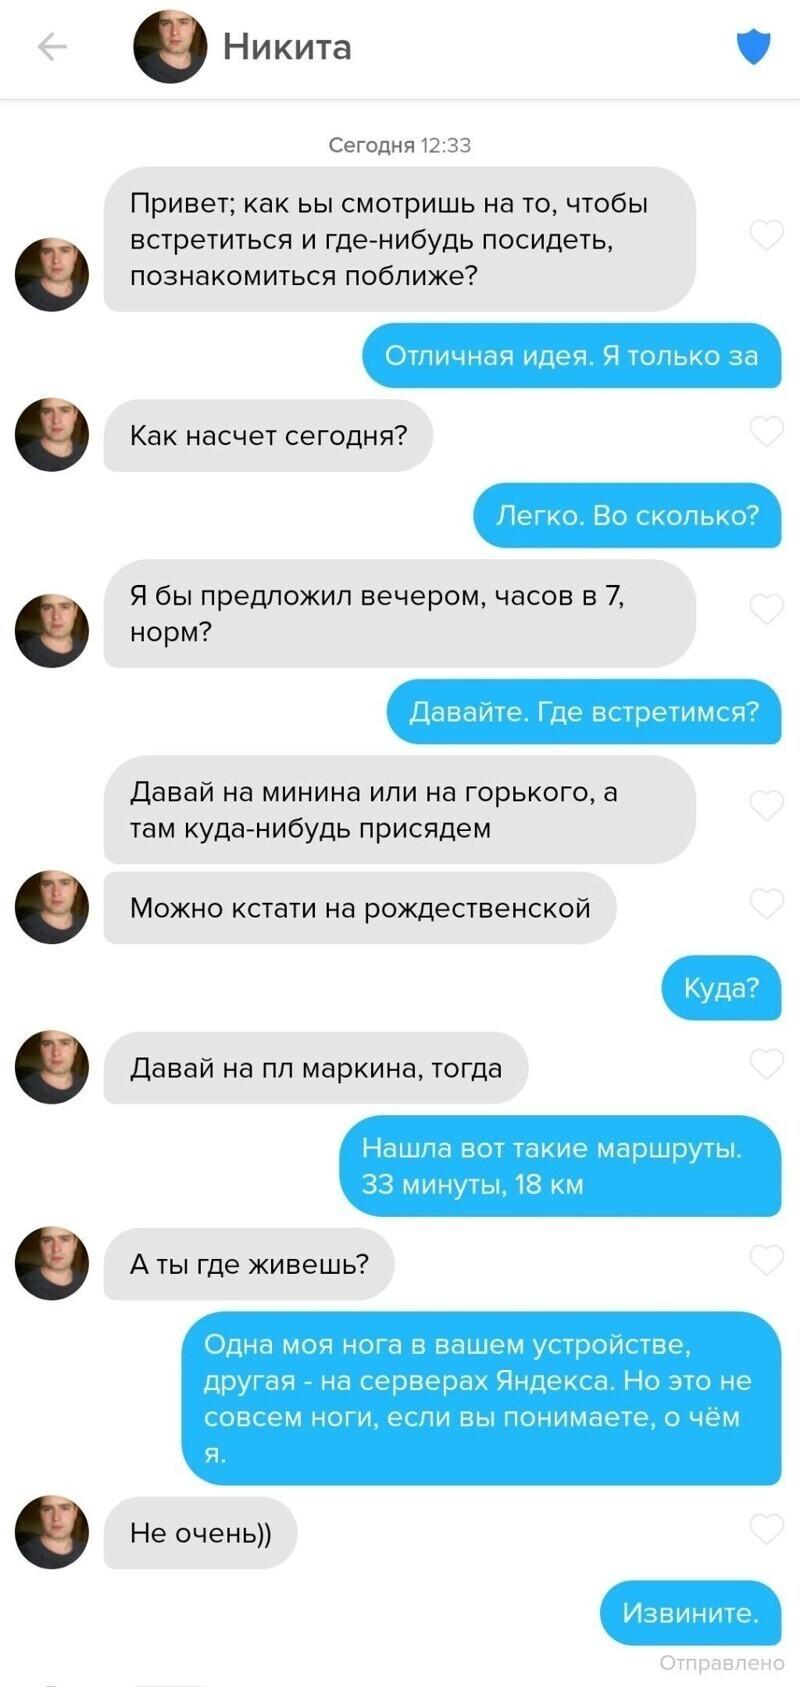 Наташа - хороша: девушка общалась с парнями с помощью искусственного интеллекта и ввела их в ступор